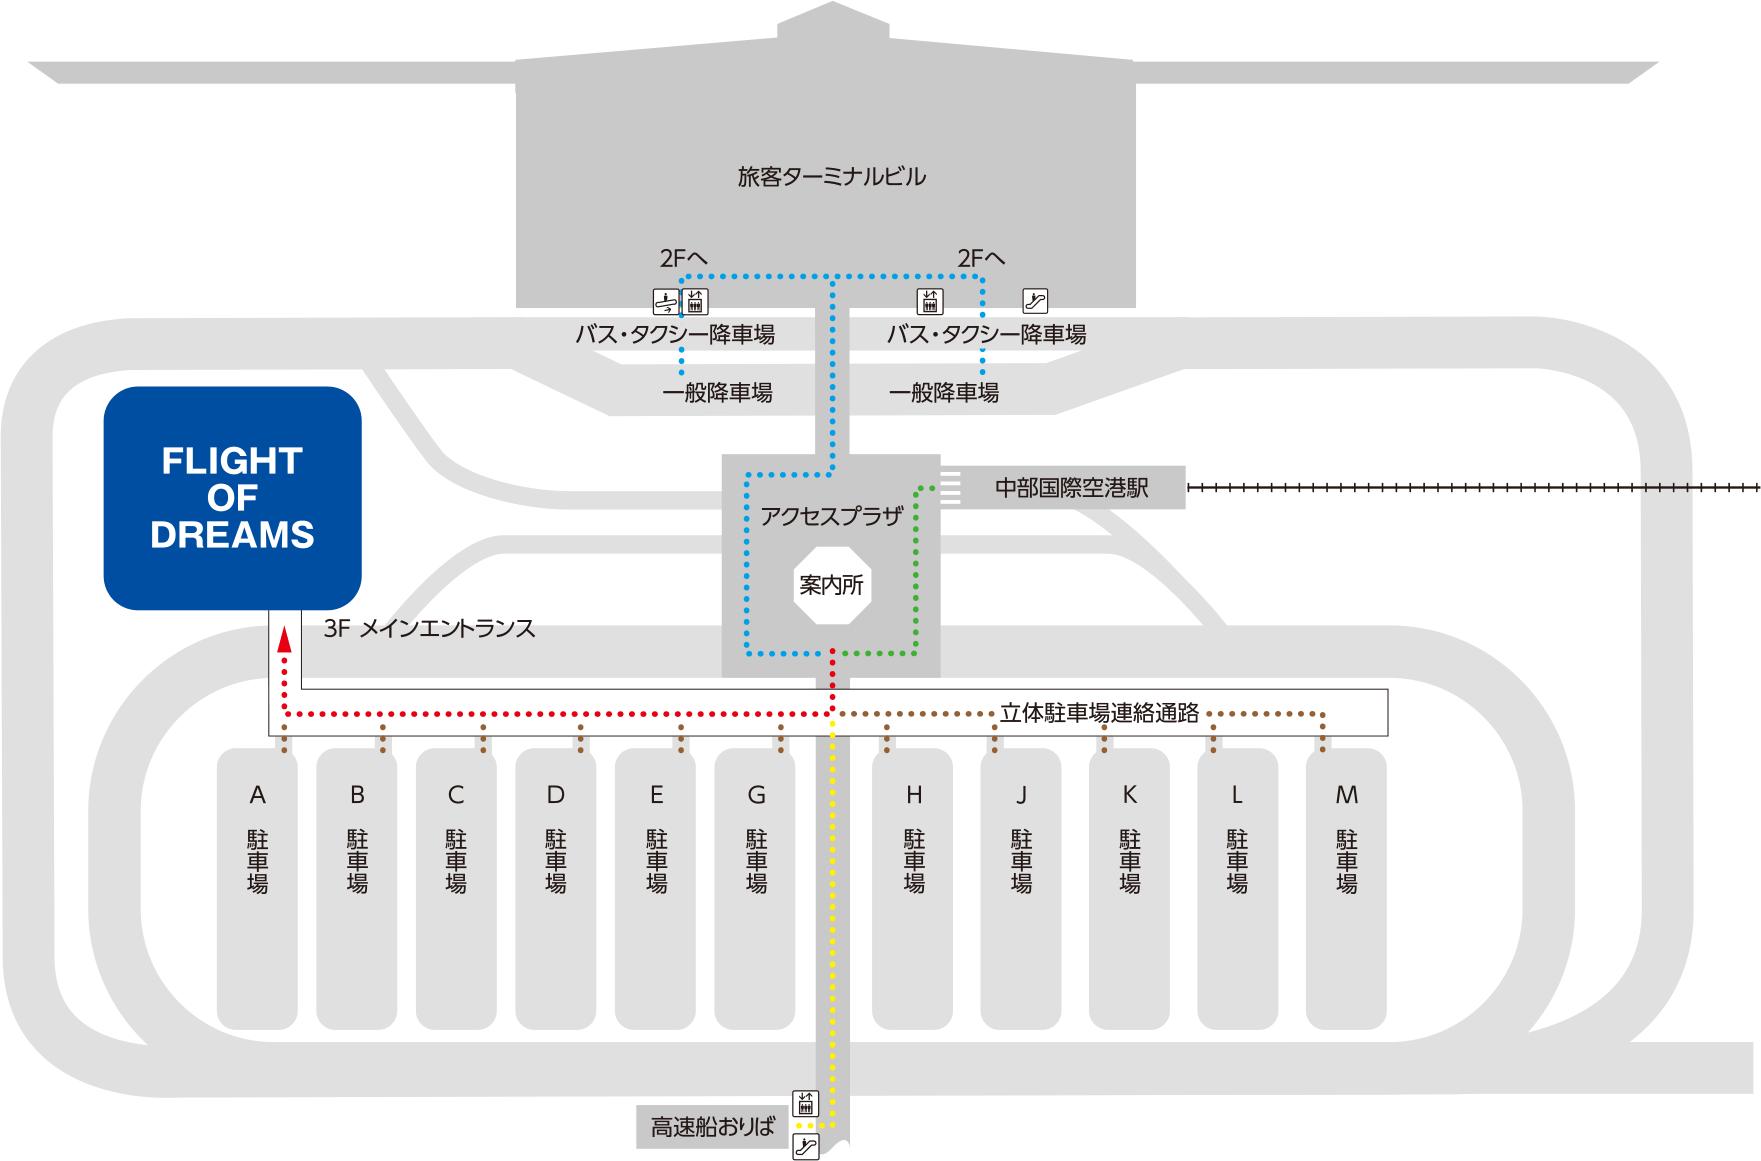 セントレア駐車場